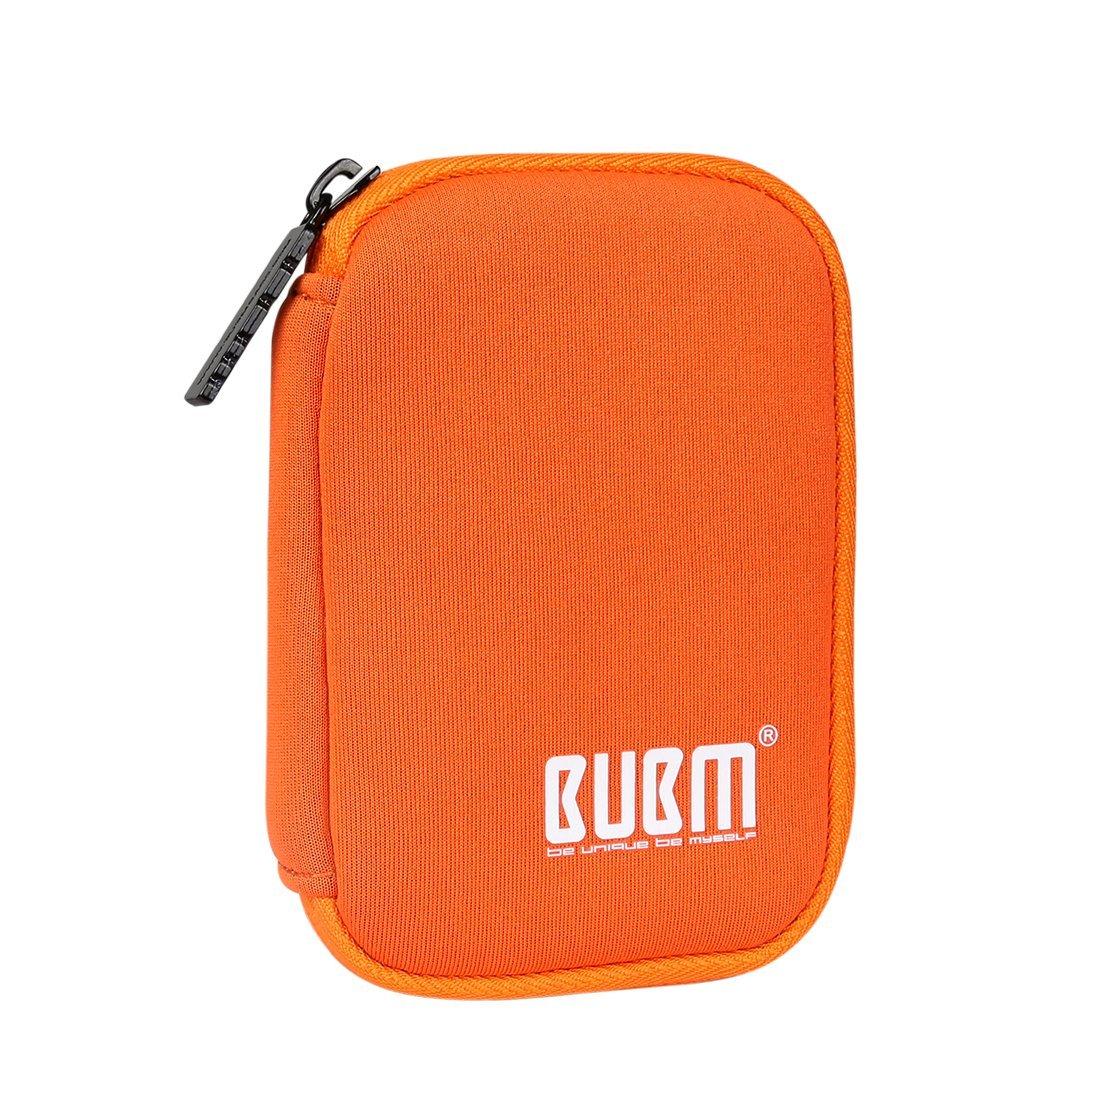 BUBM Estuche Mini para Ordenar USB Funda Suave para Proteger USB Perfectamente, Tamaño adecuerdo para llevar 6 Gomas Elásticas para Ajuestar USB, Naranja: Amazon.es: Electrónica